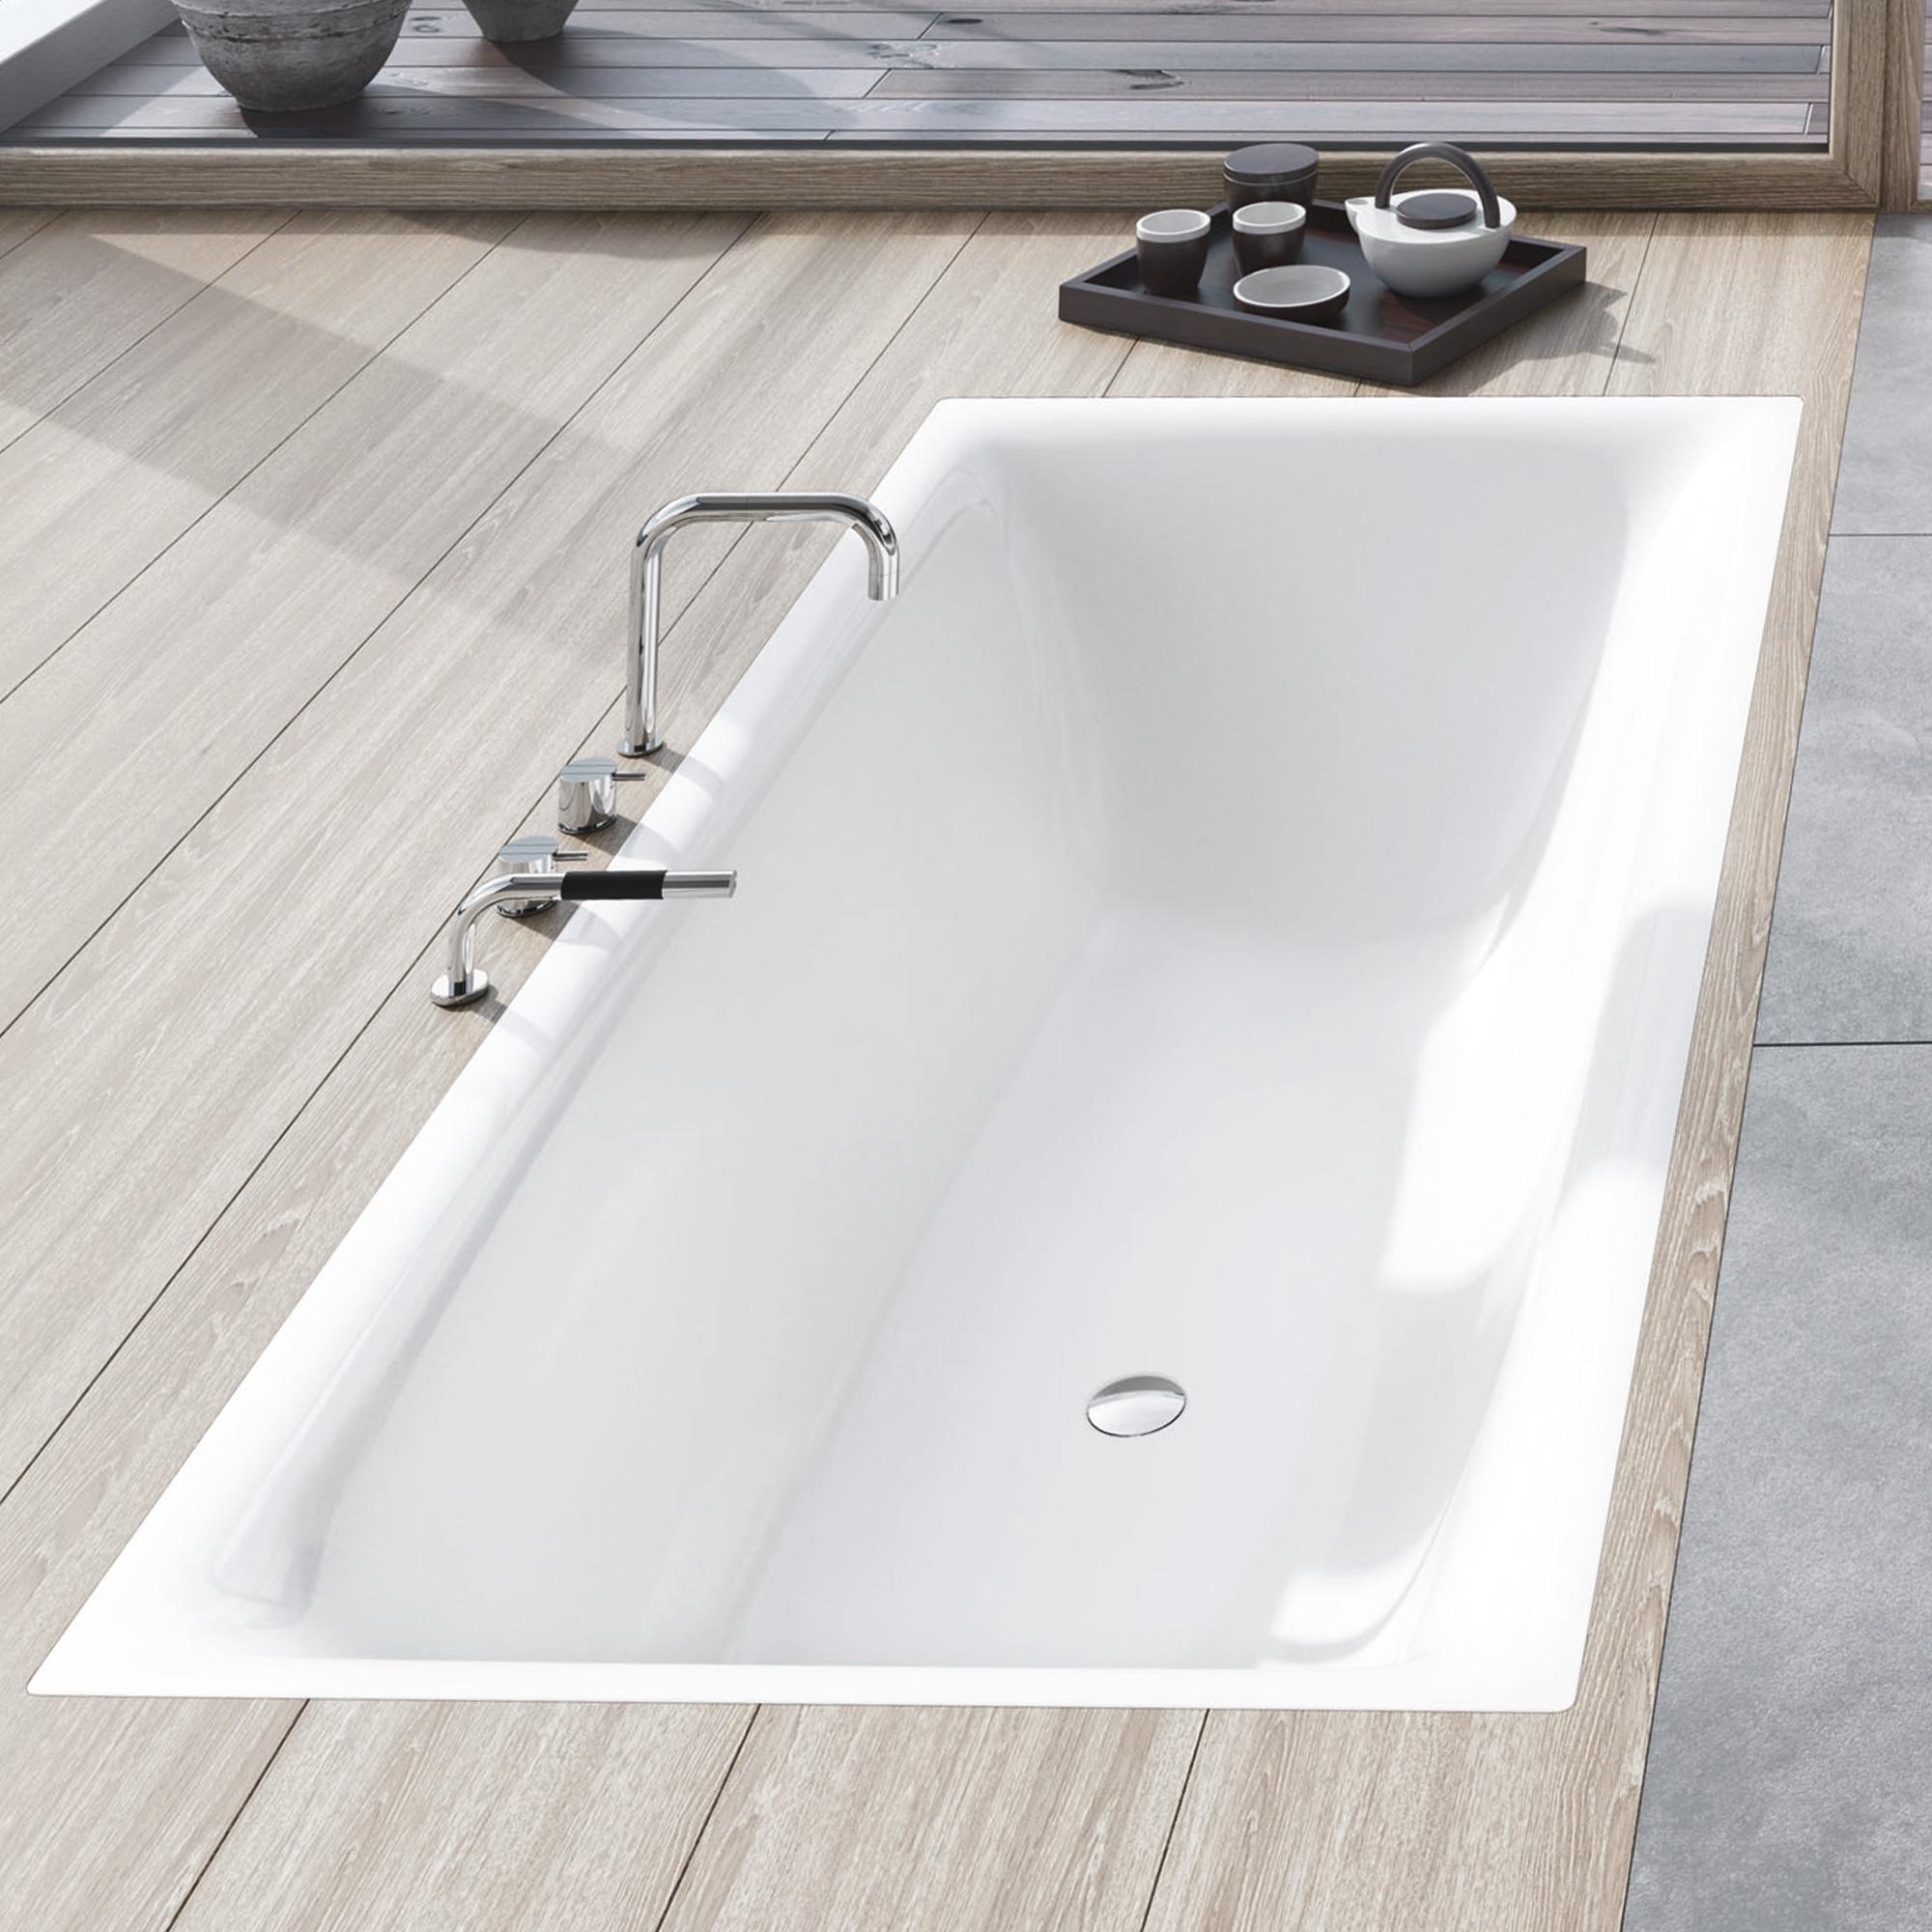 kaldewei silenio rechteck badewanne wei 267600010001 reuter onlineshop. Black Bedroom Furniture Sets. Home Design Ideas